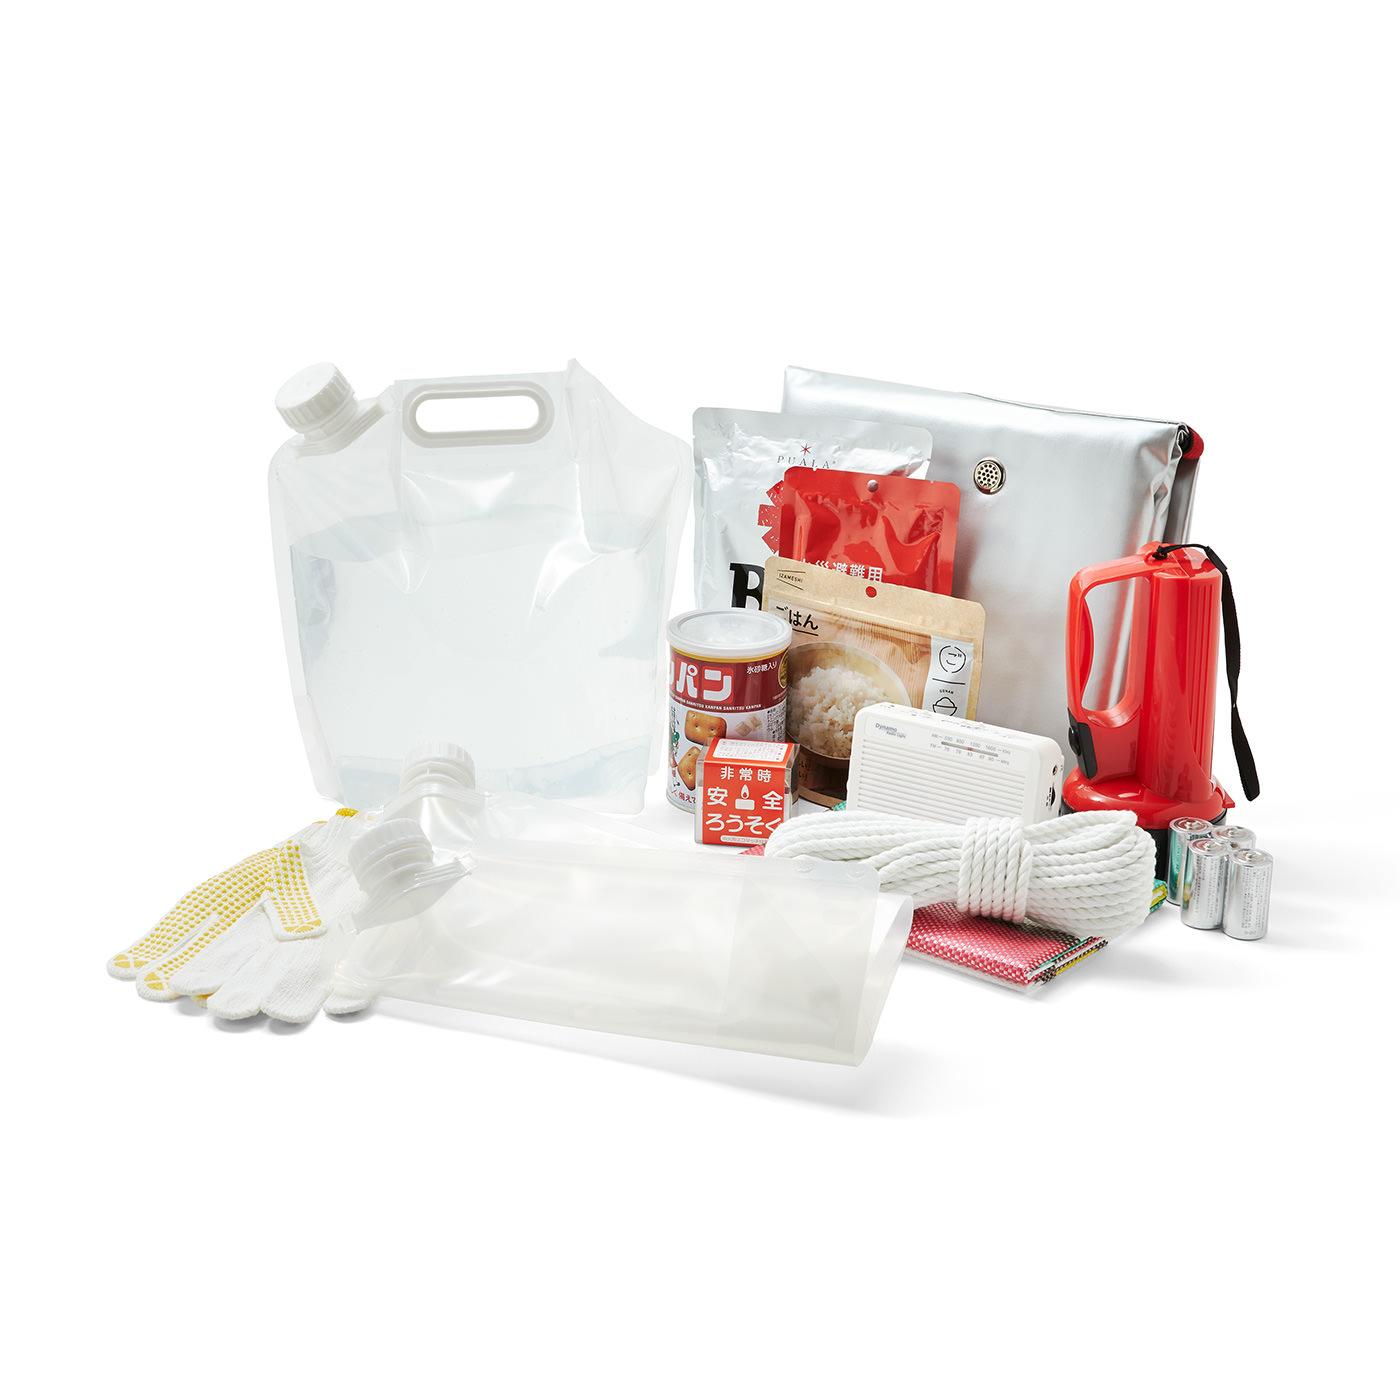 防災バッグの中に入れておけば、もしもの時も大助かり! ※お届けするのはウォーターバッグのみです。